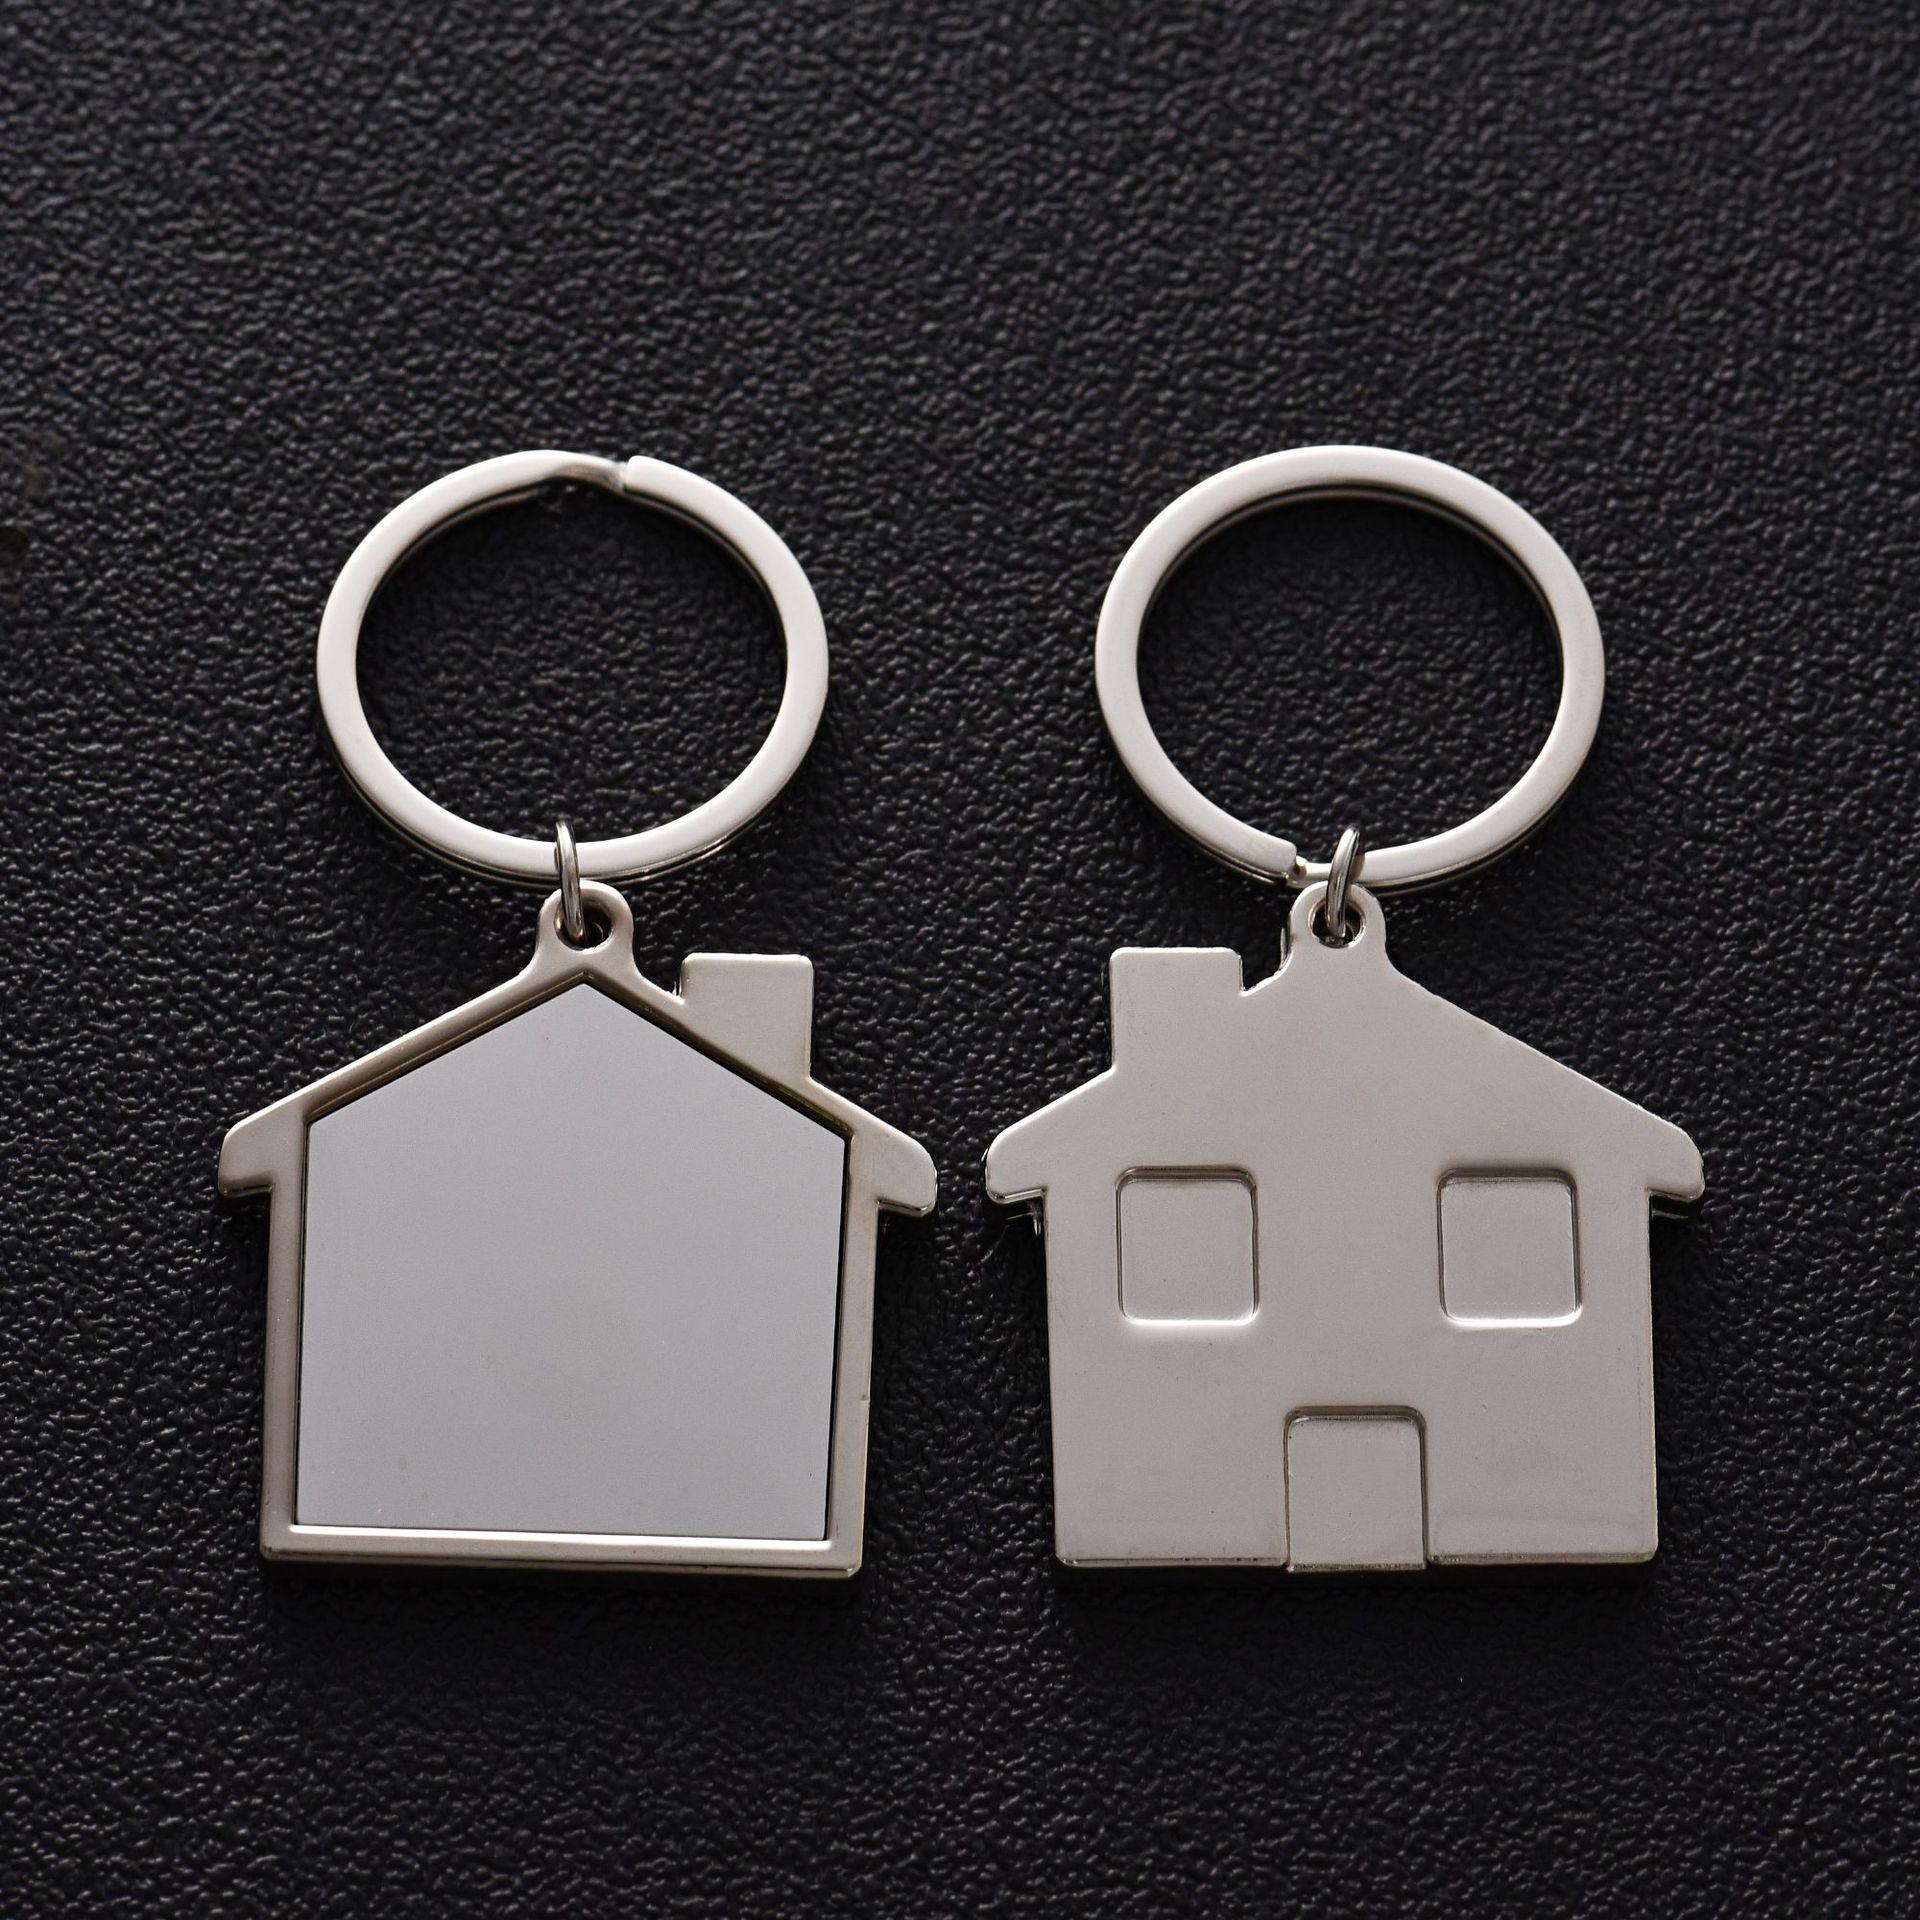 创意可爱小房子钥匙扣汽车金属钥匙圈钥匙链商务小礼品定制LOGO